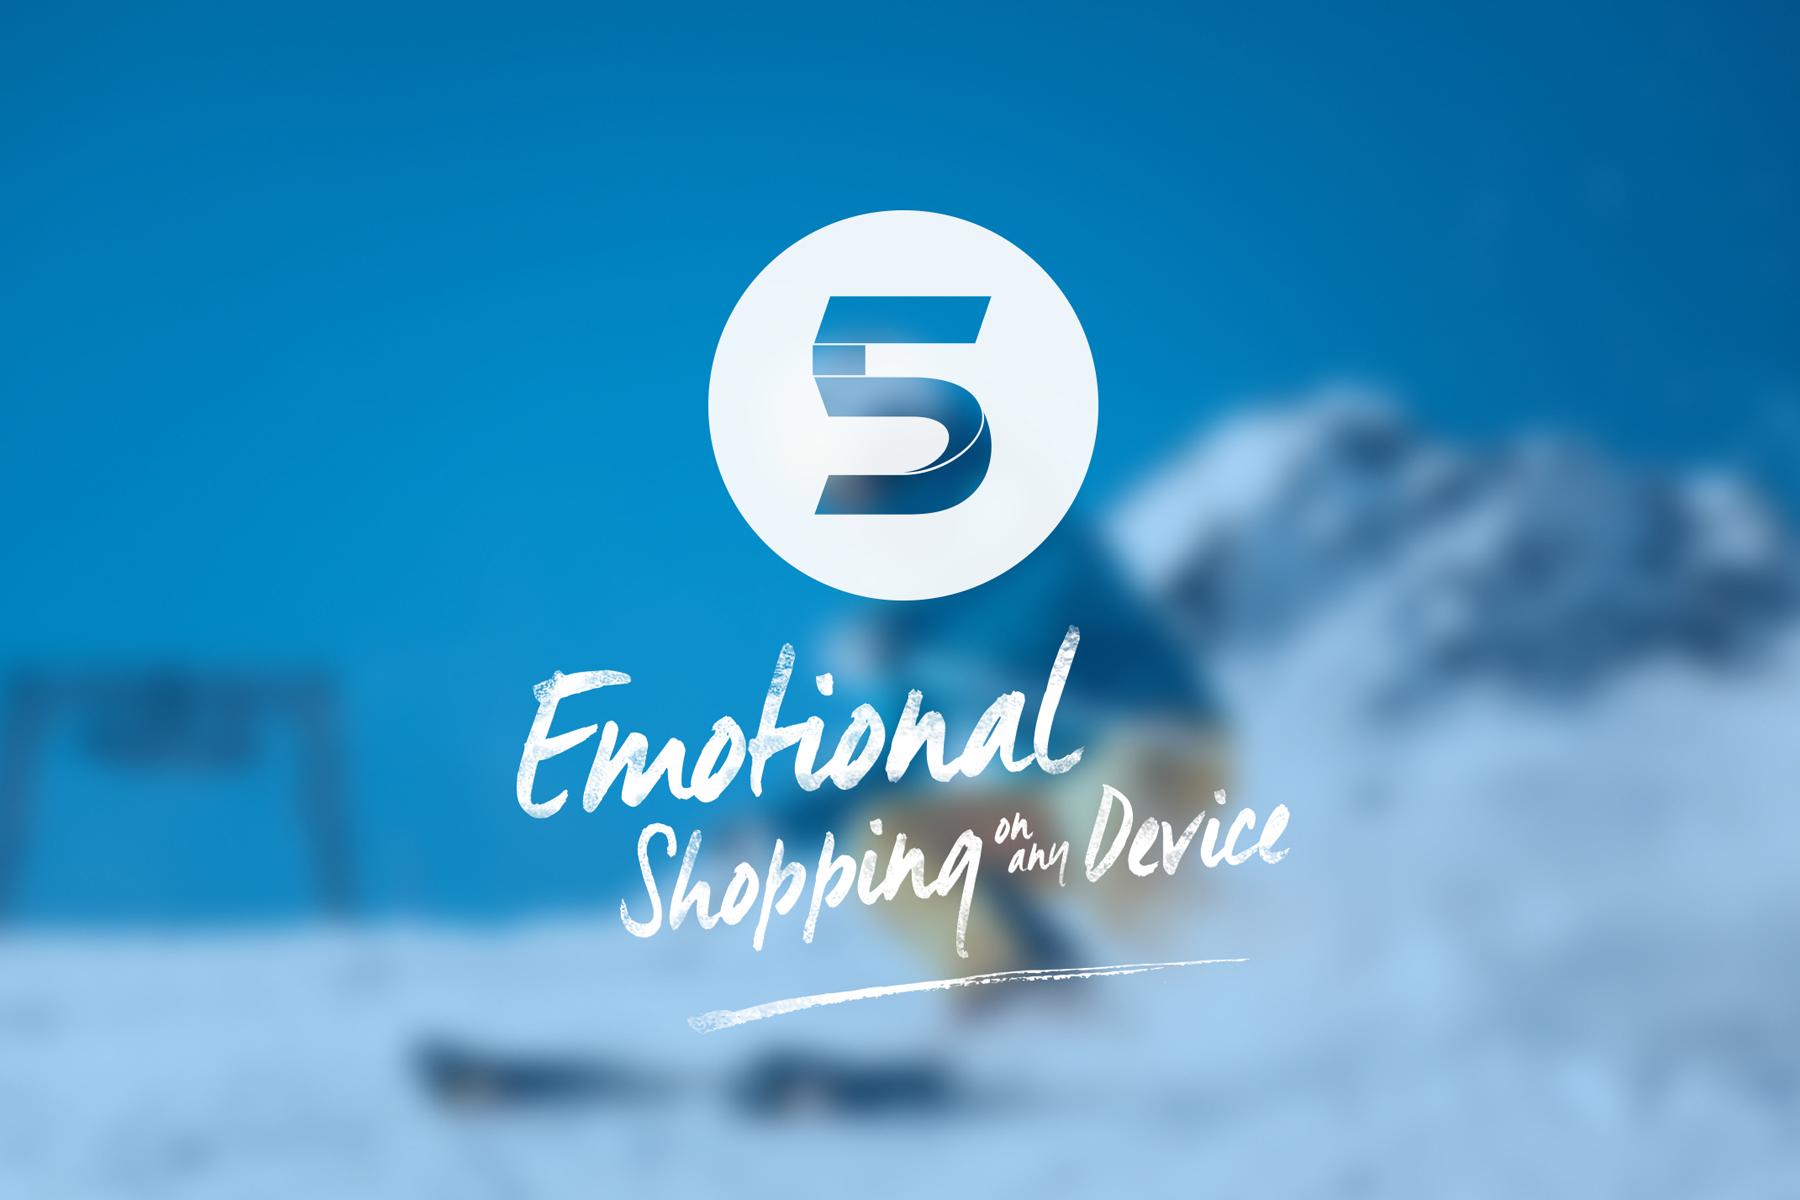 Die Shopware Agentur Proxation ist auf Shopware 5 spezialisiert